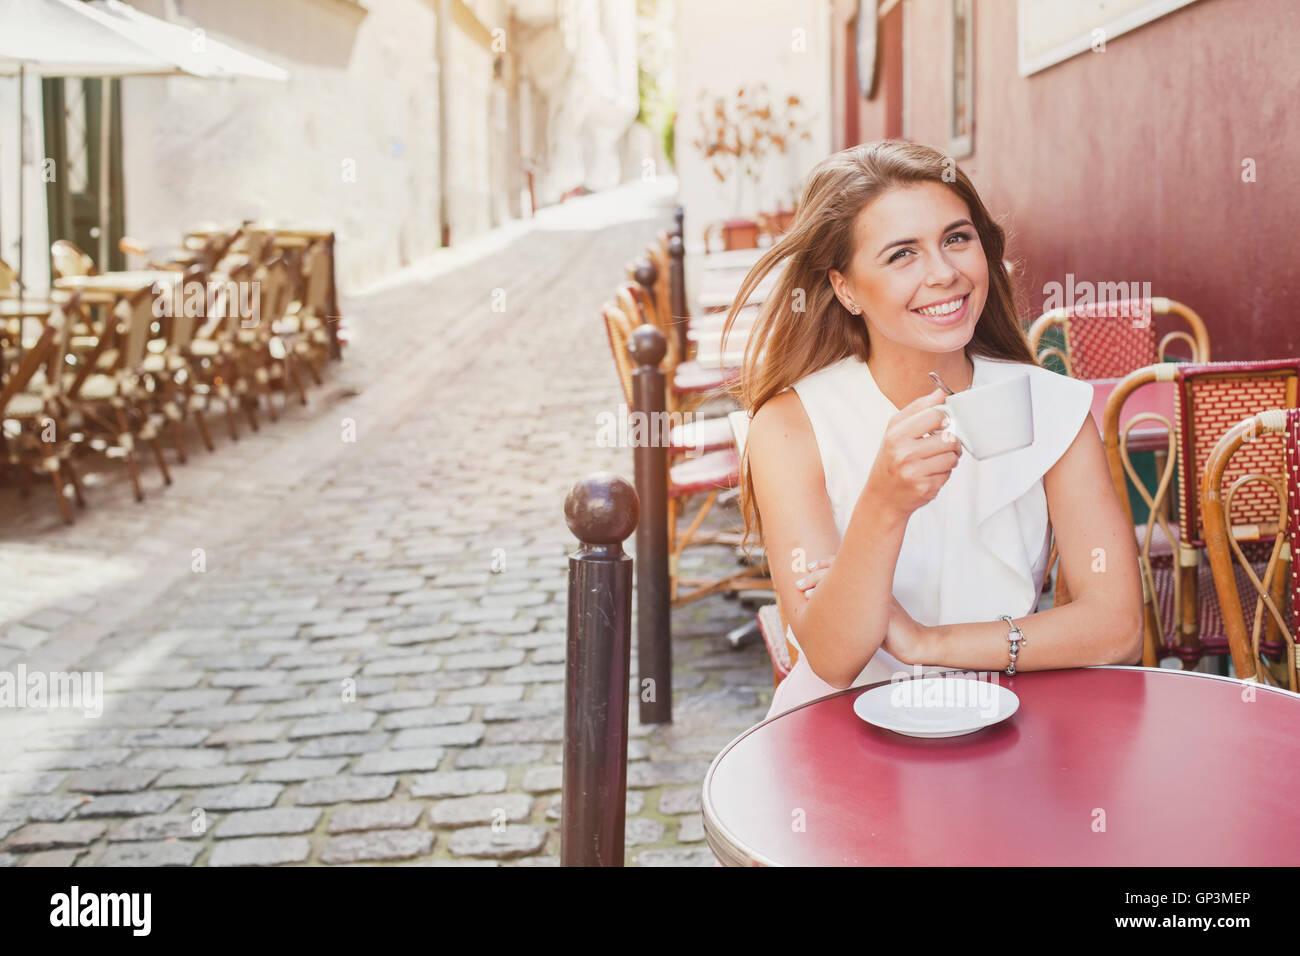 lächelnde Frau Kaffee trinken im Straßencafé Stockbild